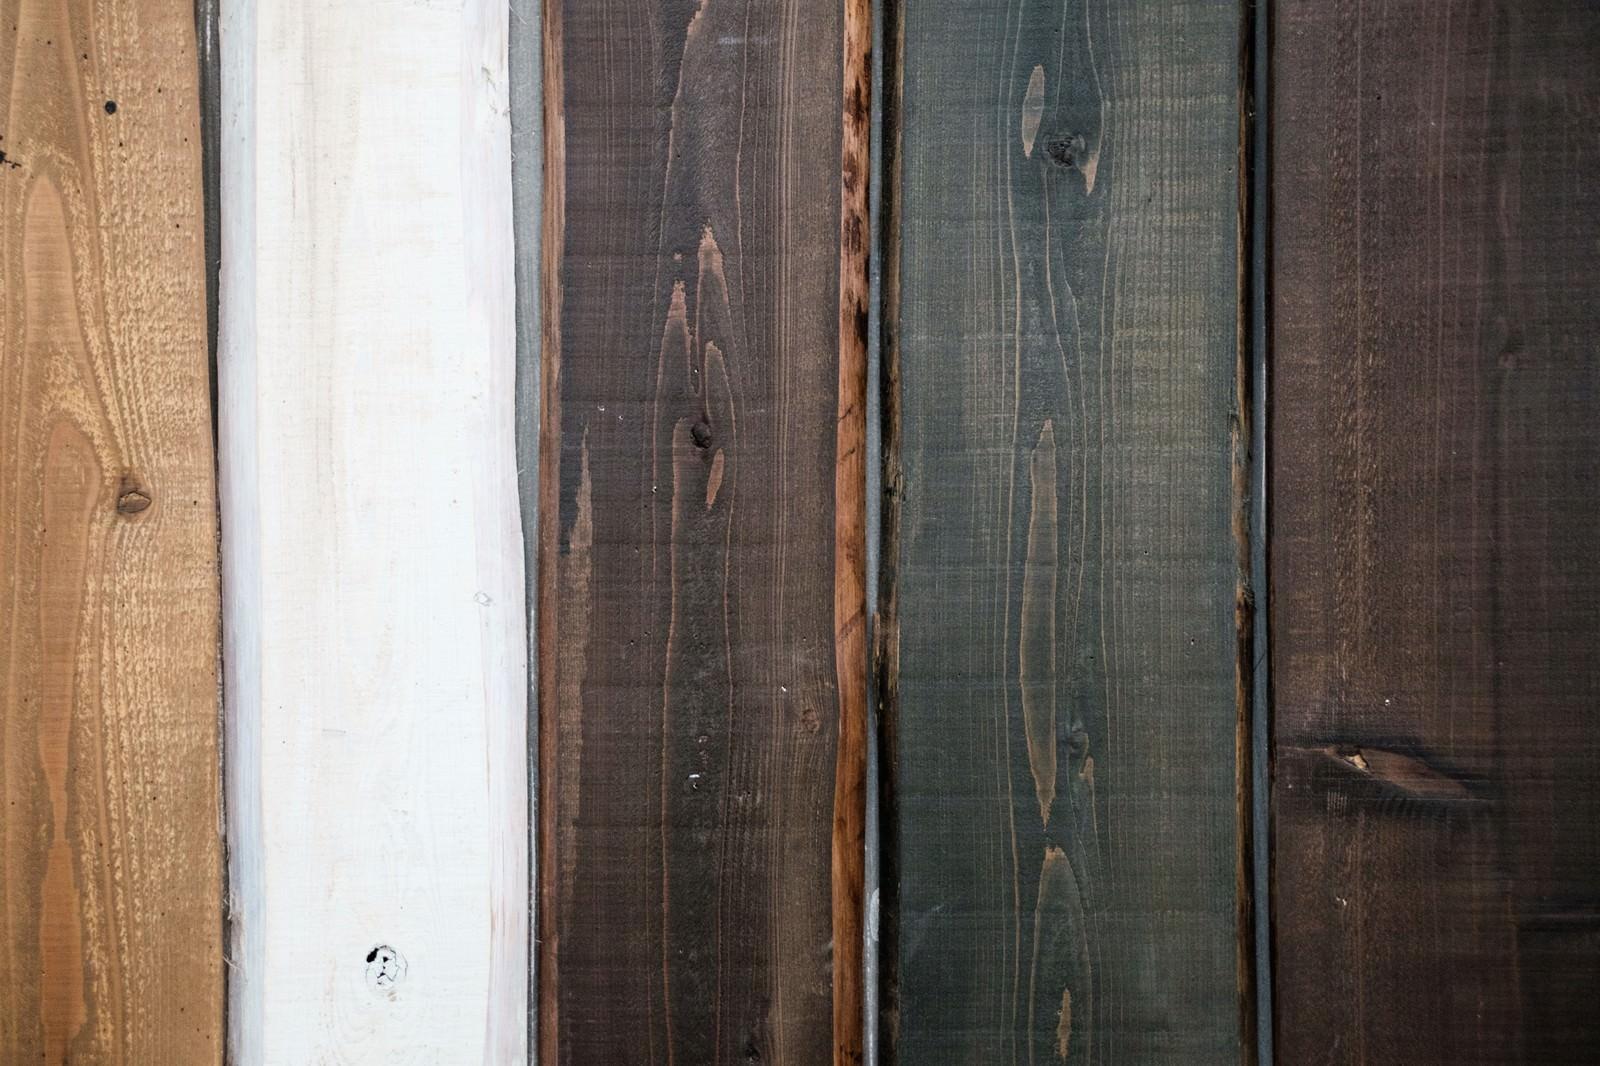 「塗装の色が異なる木の板(テクスチャー)」の写真